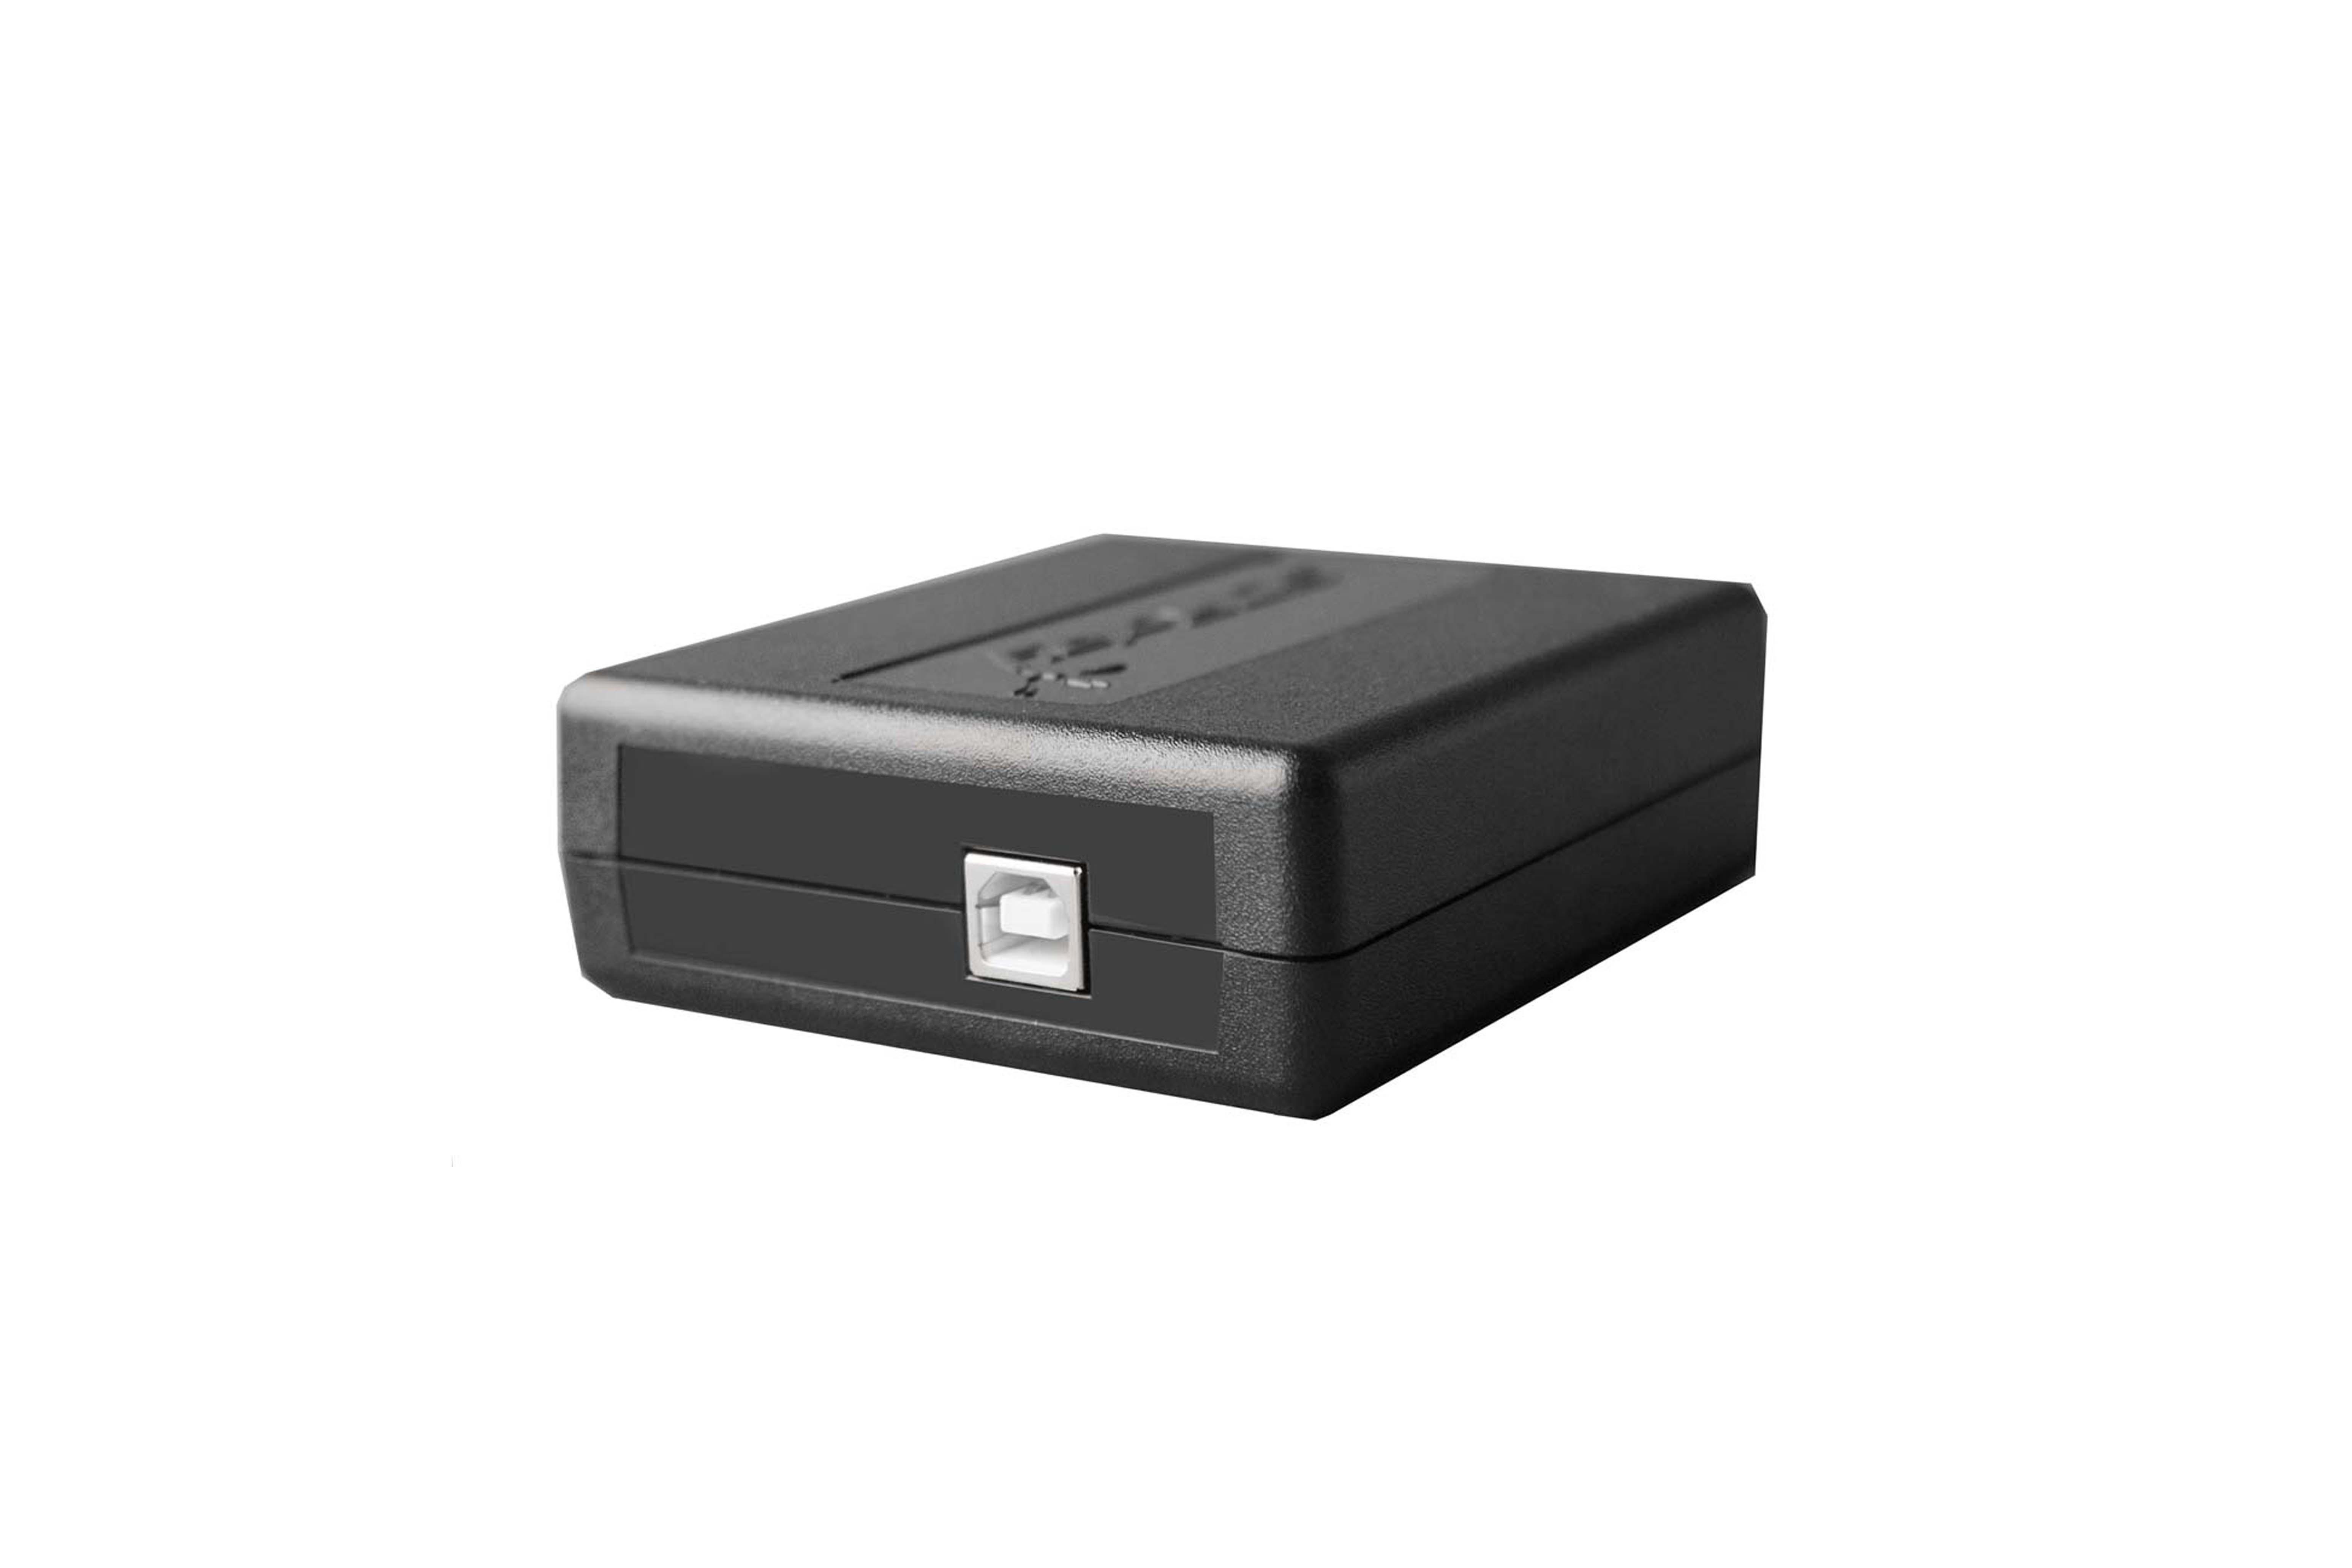 Processeur de spectre radioélectrique SDRPlay RSP1A